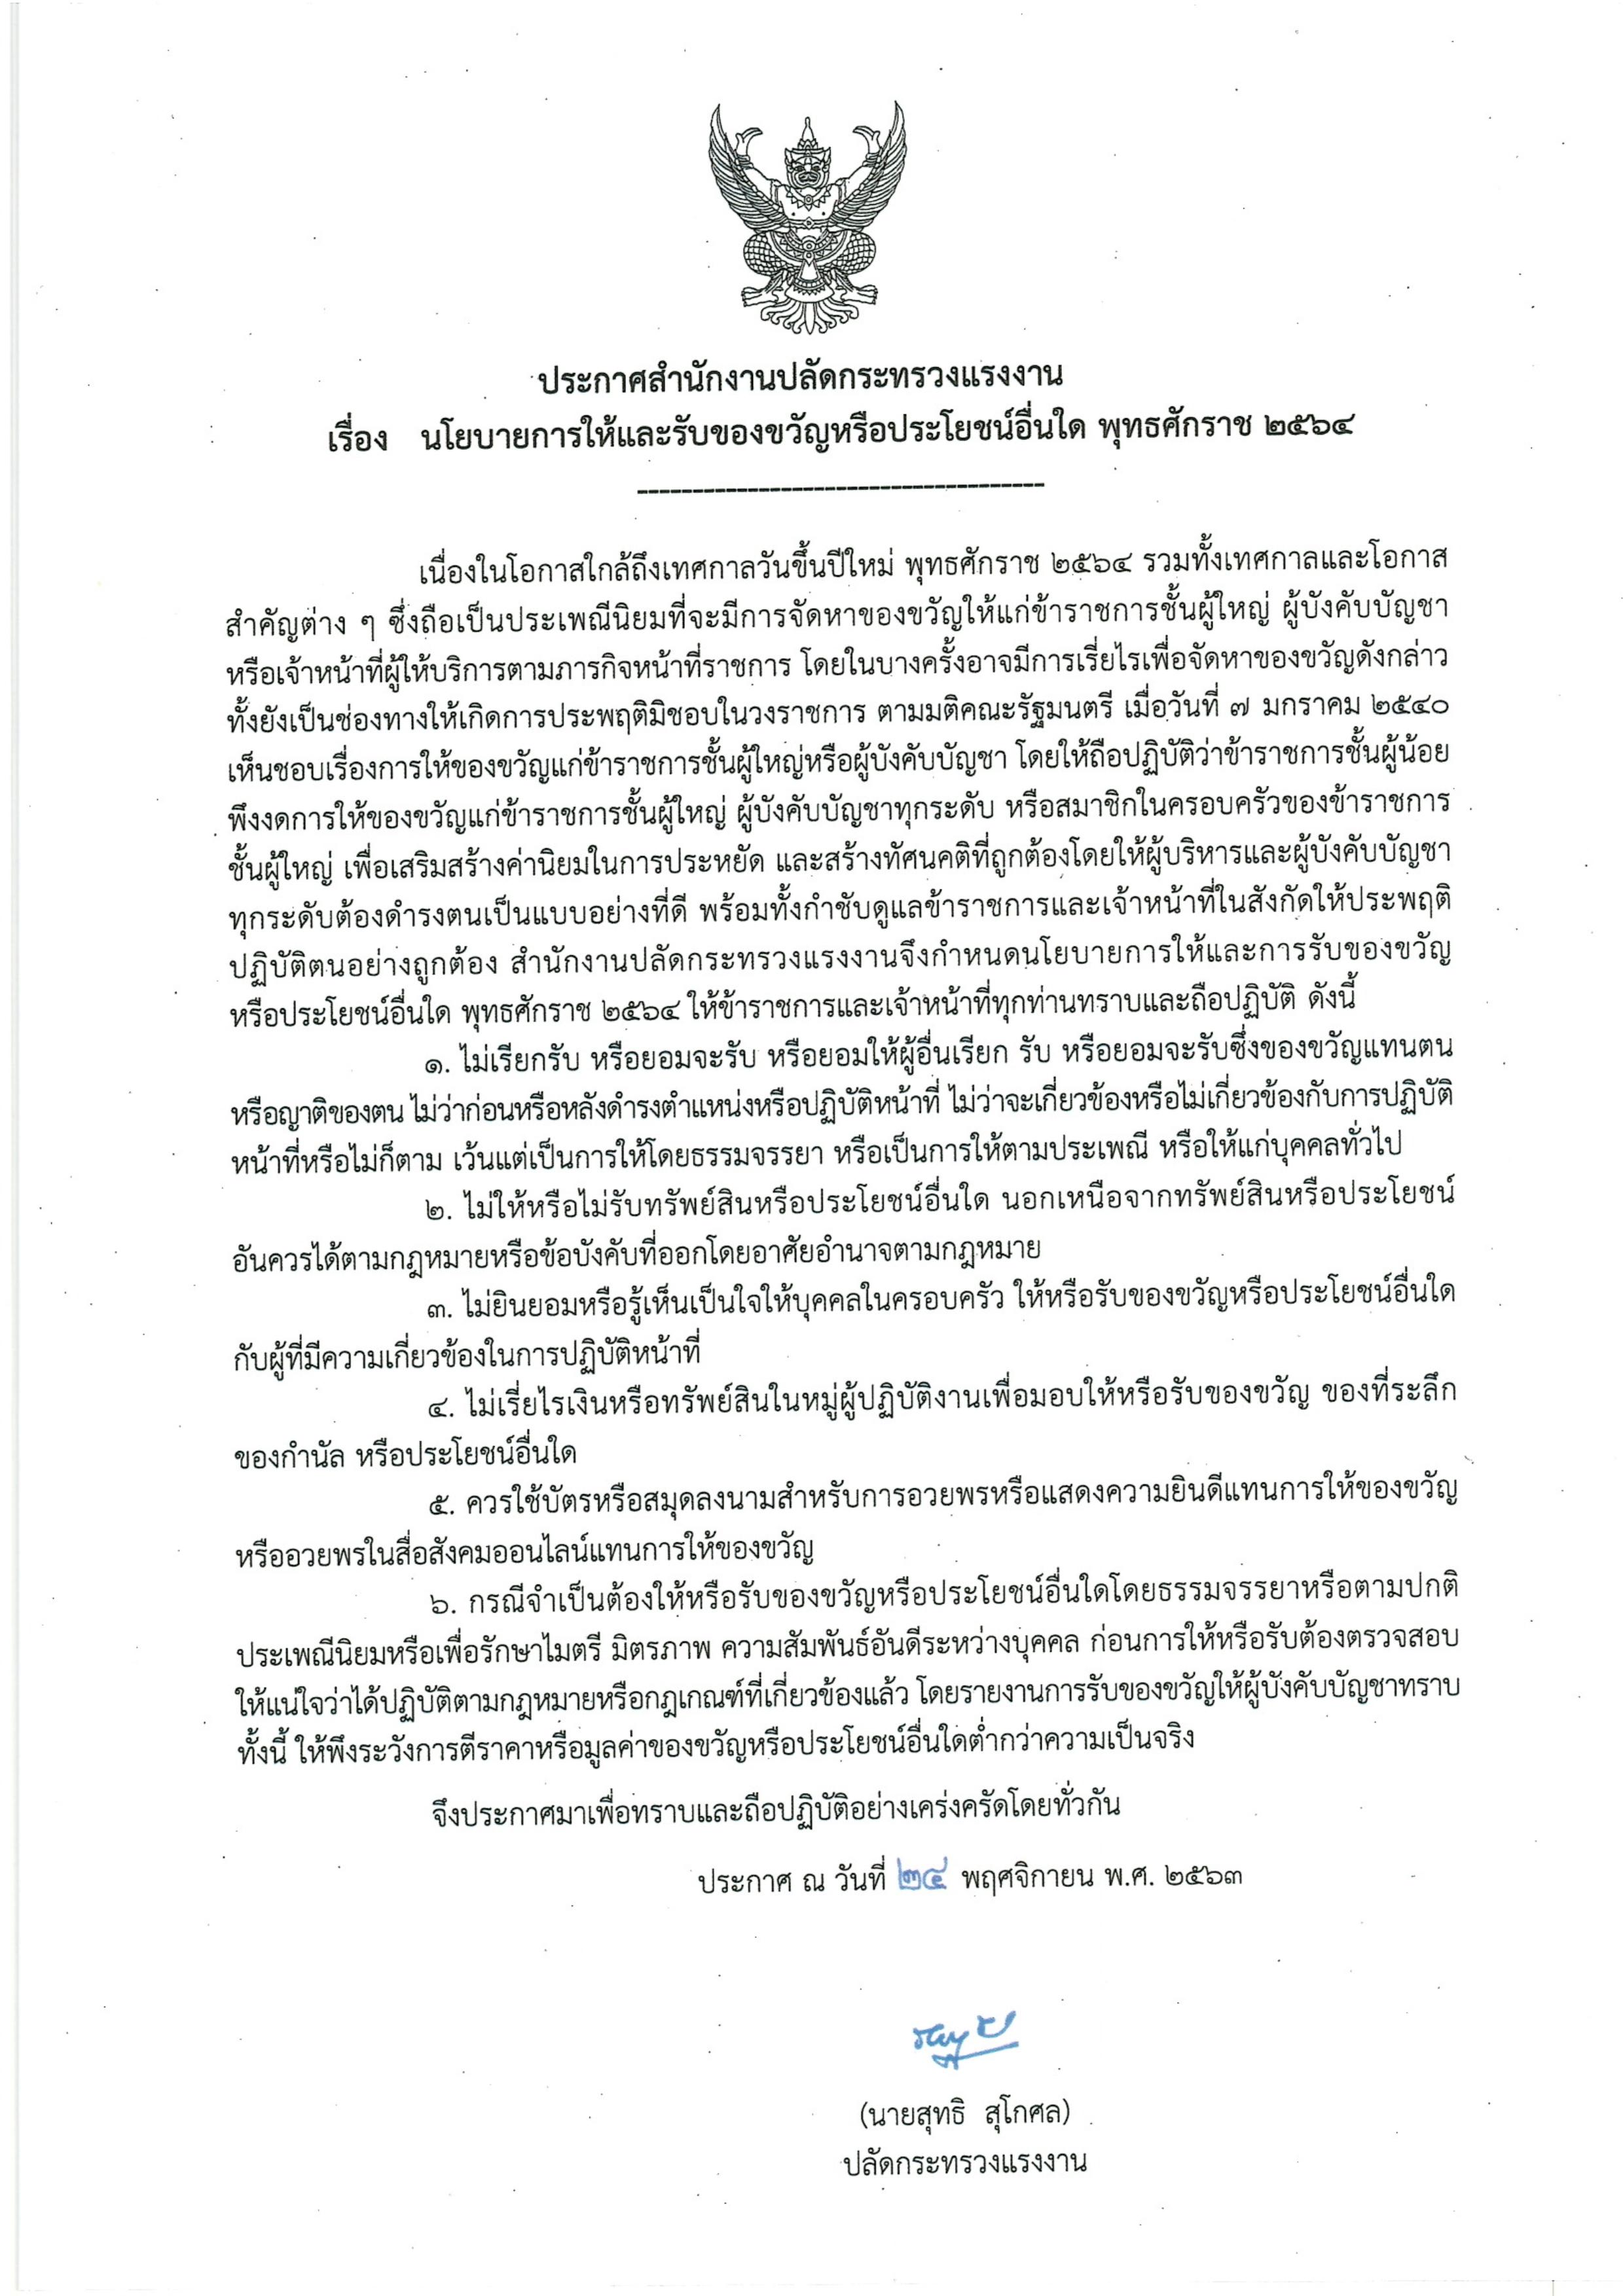 ประกาศสำนักงานปลัดกระทรวงแรงงาน นโยบายการให้และรับของขวัญหรือประโยชน์อื่นใด พ.ศ. 2564